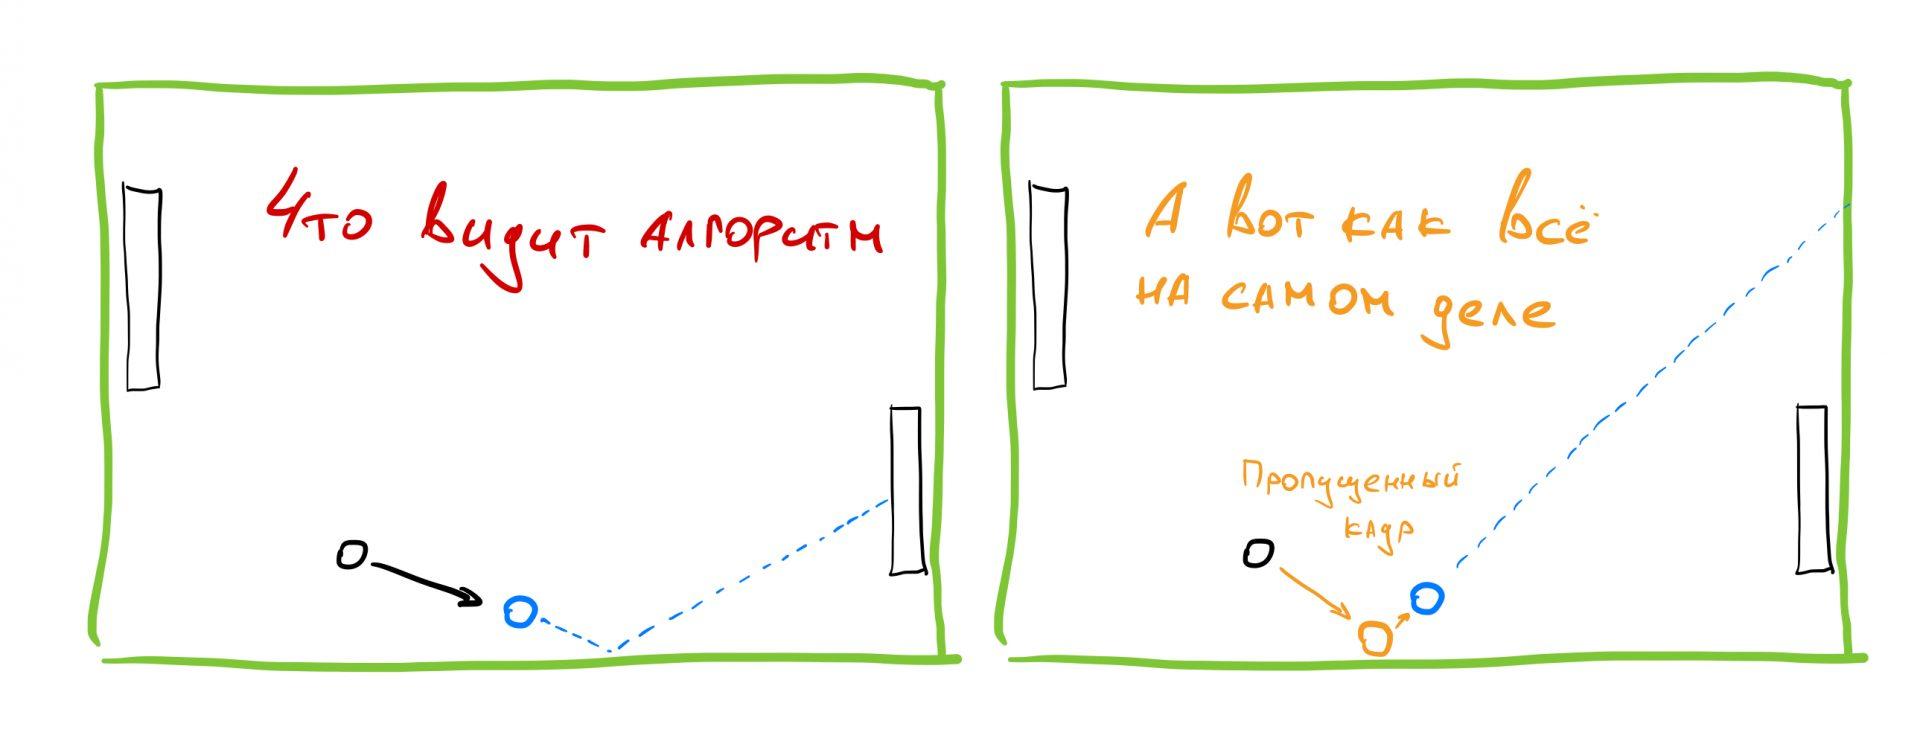 Как написать алгоритм, который за вас сыграет в пинг-понг в браузере